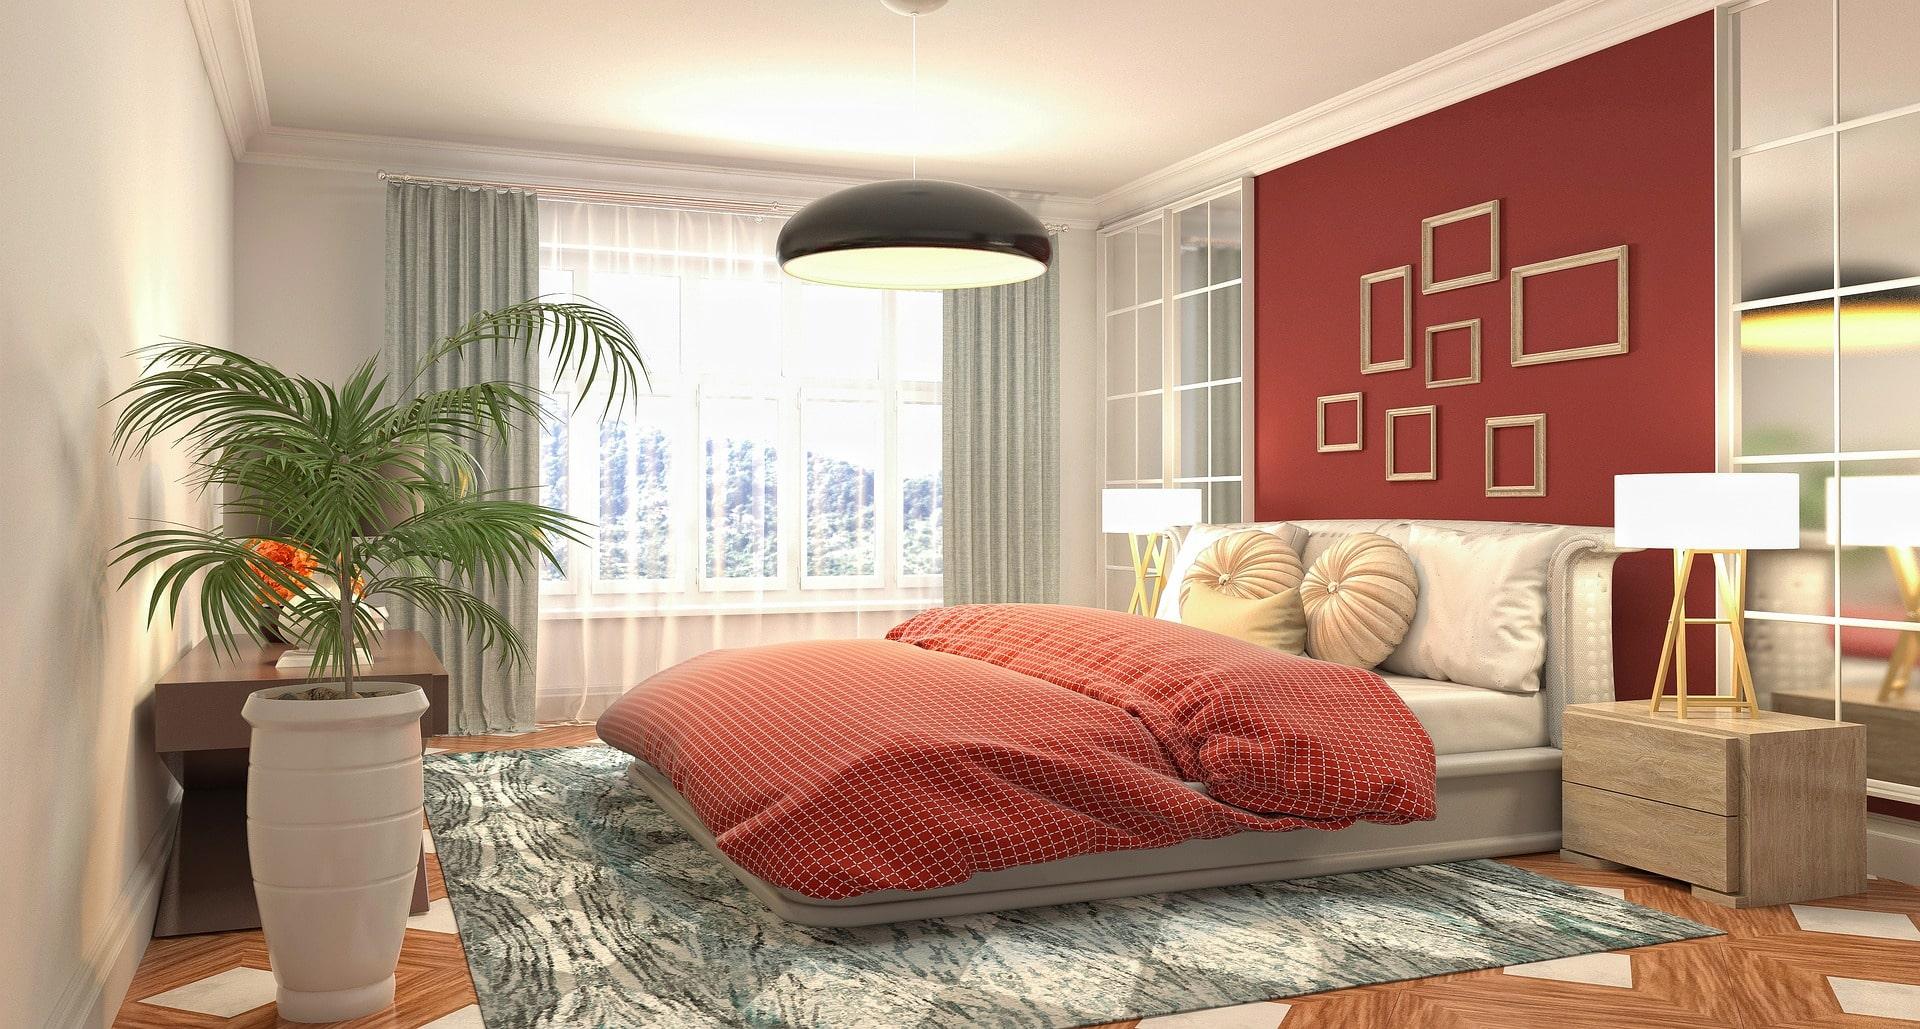 dormitorio con luces led